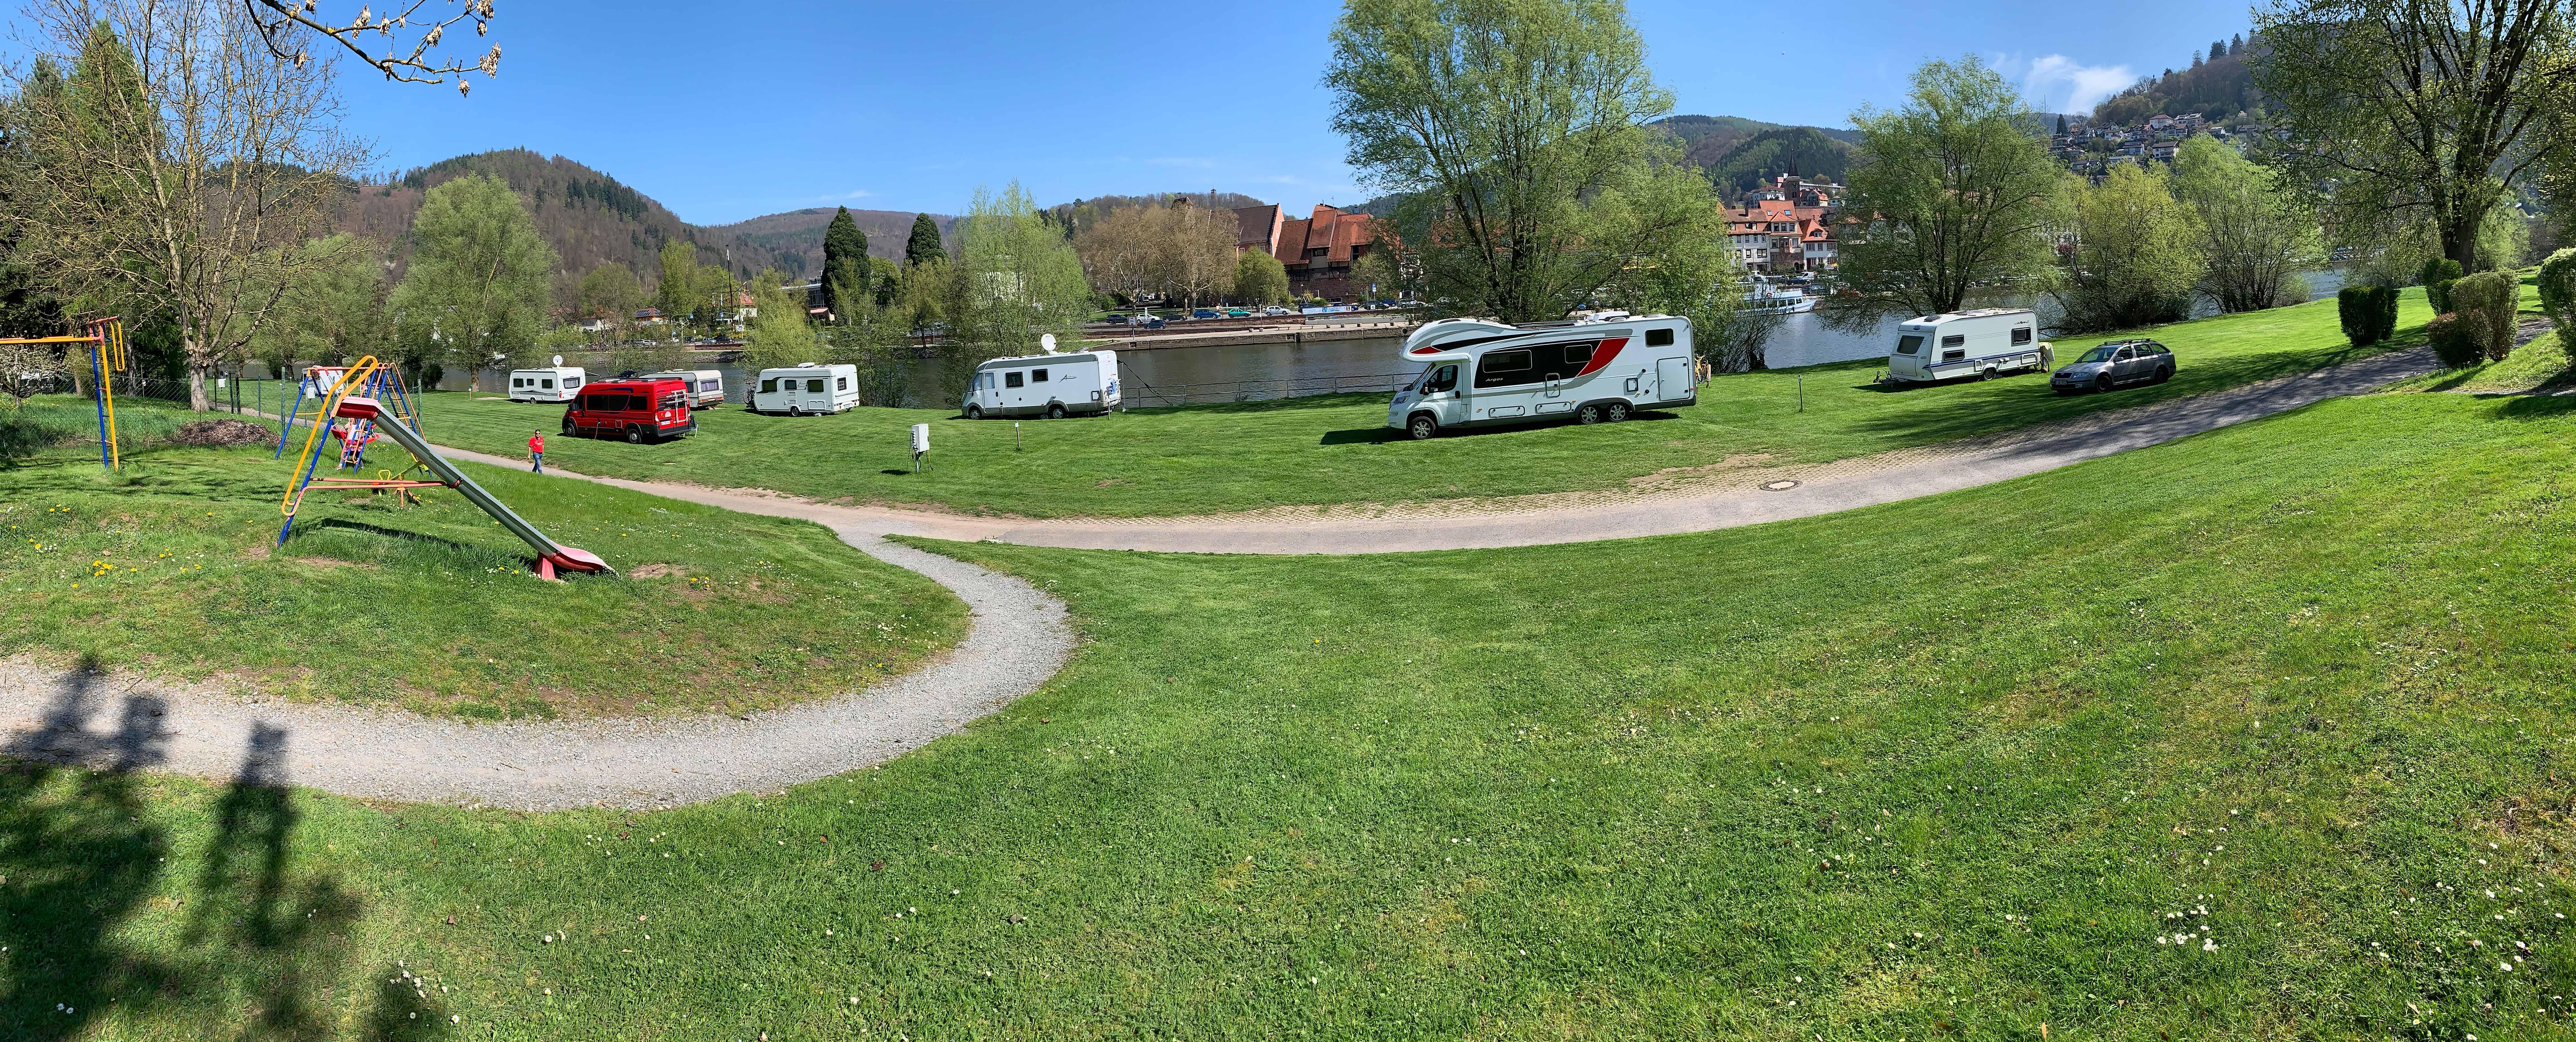 Campingpark Eberbach01